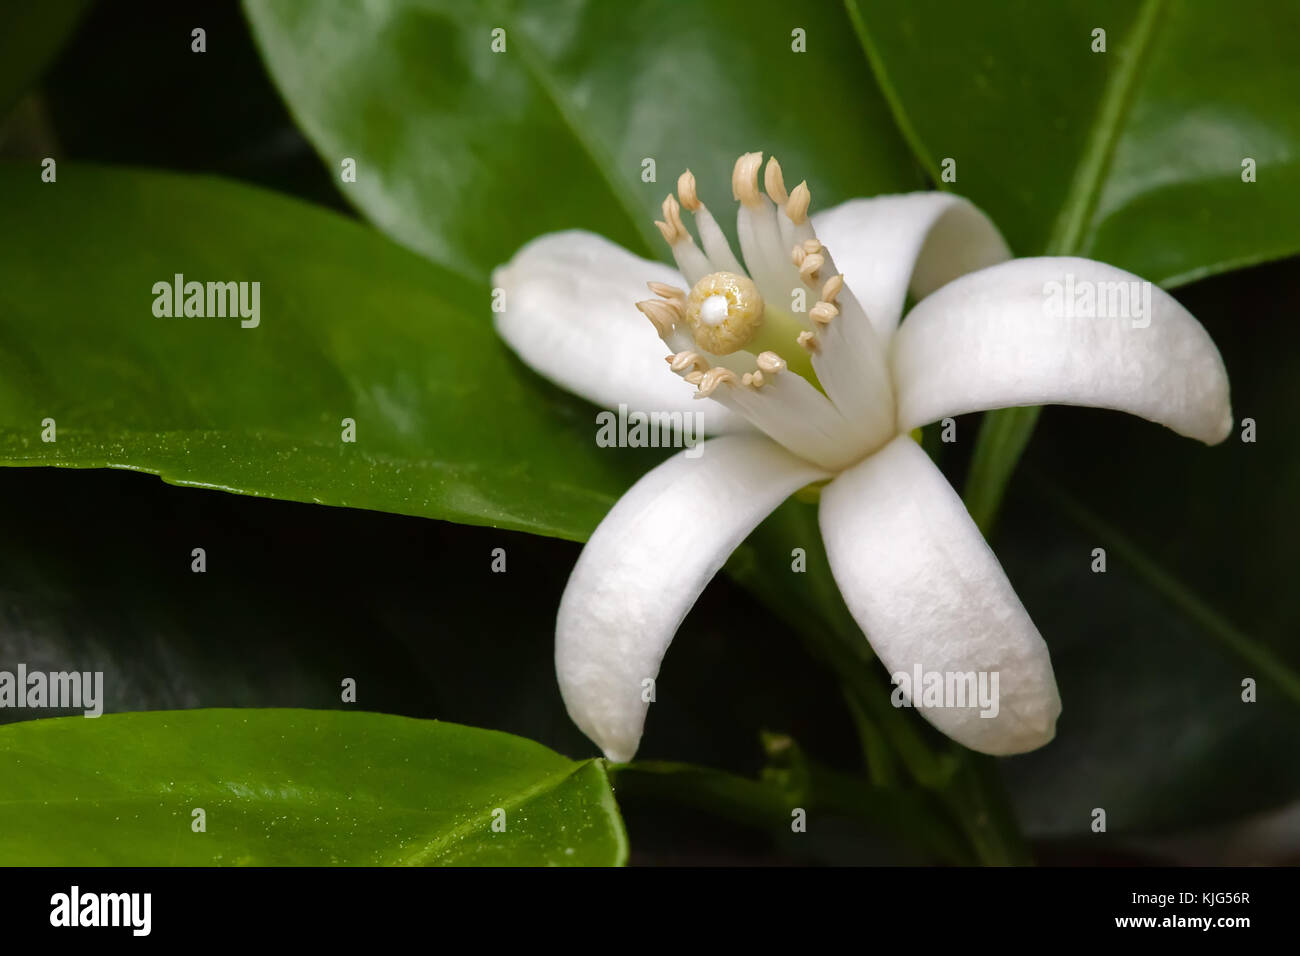 Orange Blossom blanca entre hojas. un primerísimo plano macro con ...